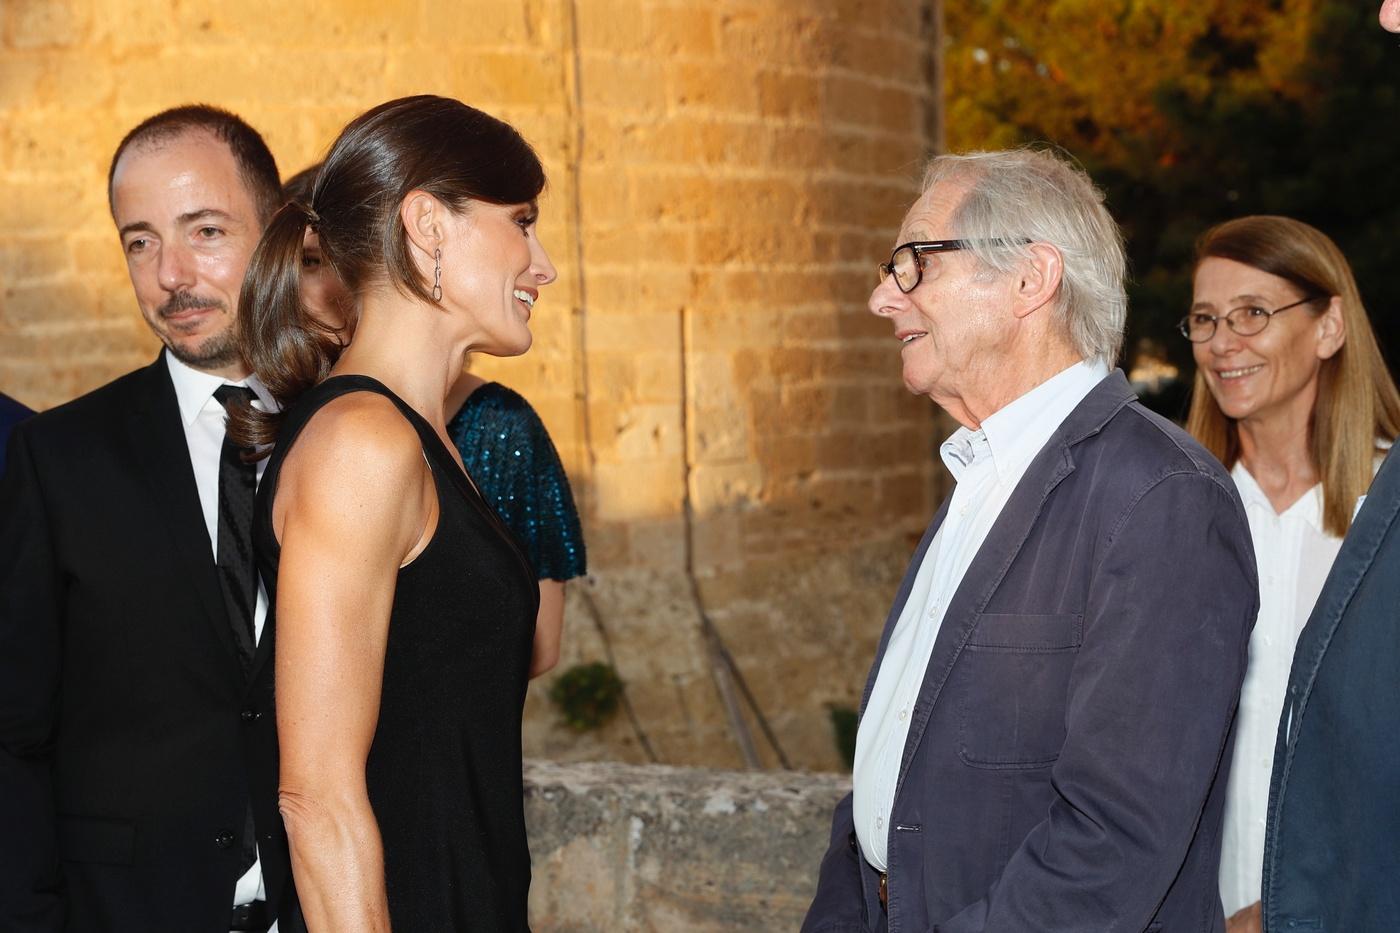 La reina Letizia conversa con el director de televisión y cine británico, Ken Loach quien fue homenajeado durante el festival. (Casa de S.M. el Rey)